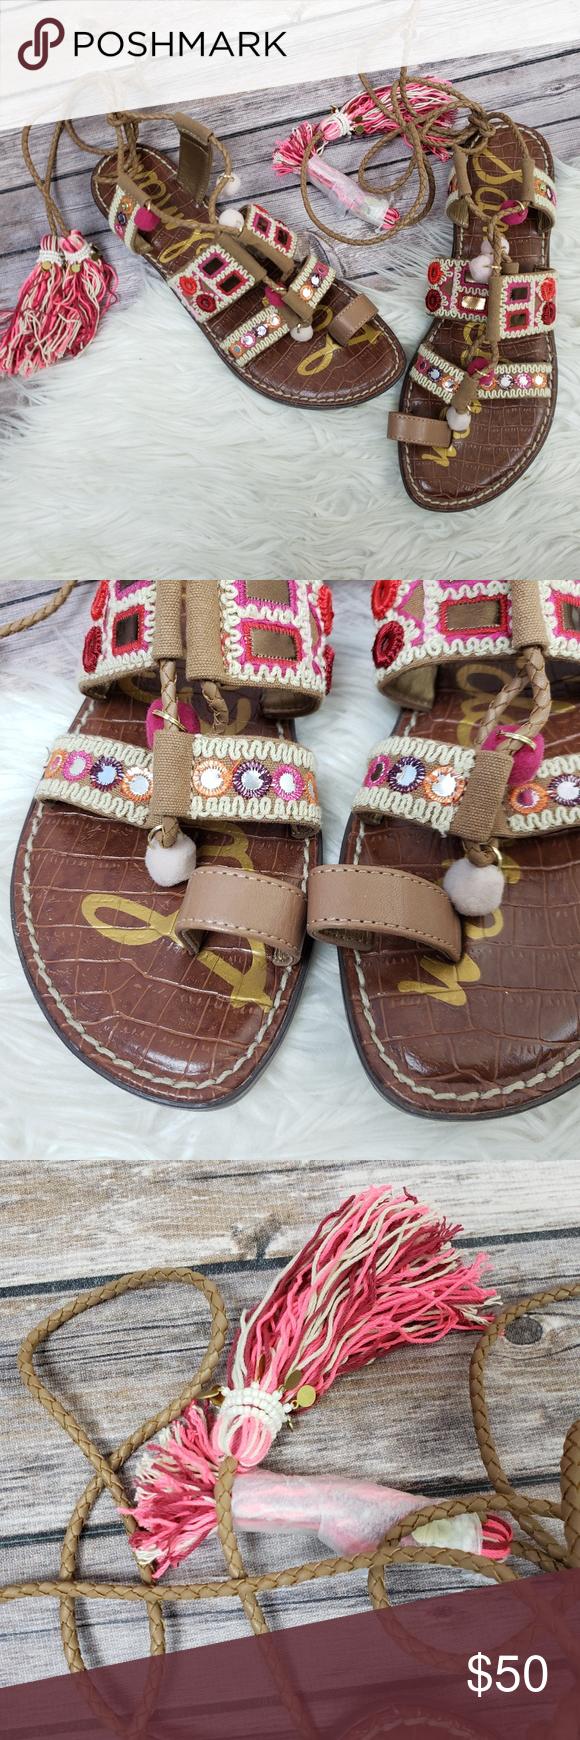 78141a7b563 Sam Edelman Gretchen Tan Pink Gladiator Flats 9 Sam Edelman Gretchen Tan Pink  Gladiator Flat Sandals Tassels Boho Size 9 New without box Sam Edelman  Shoes ...